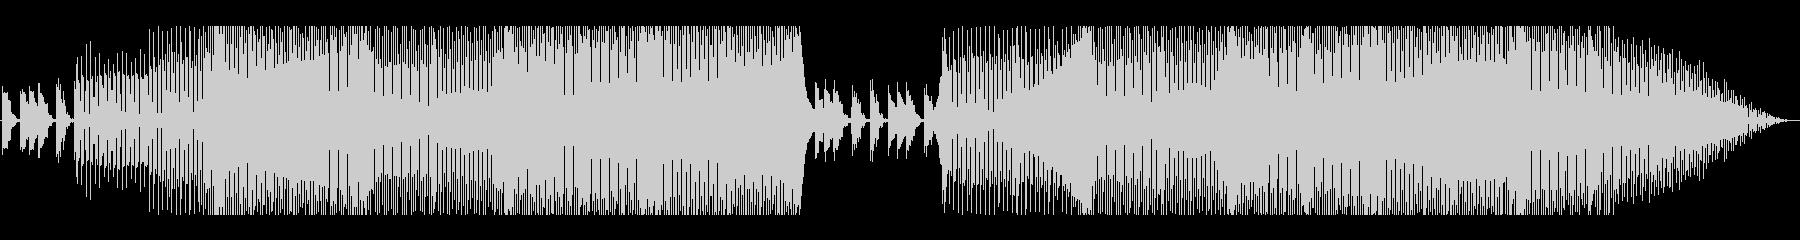 エレクトロニックポップインストゥル...の未再生の波形